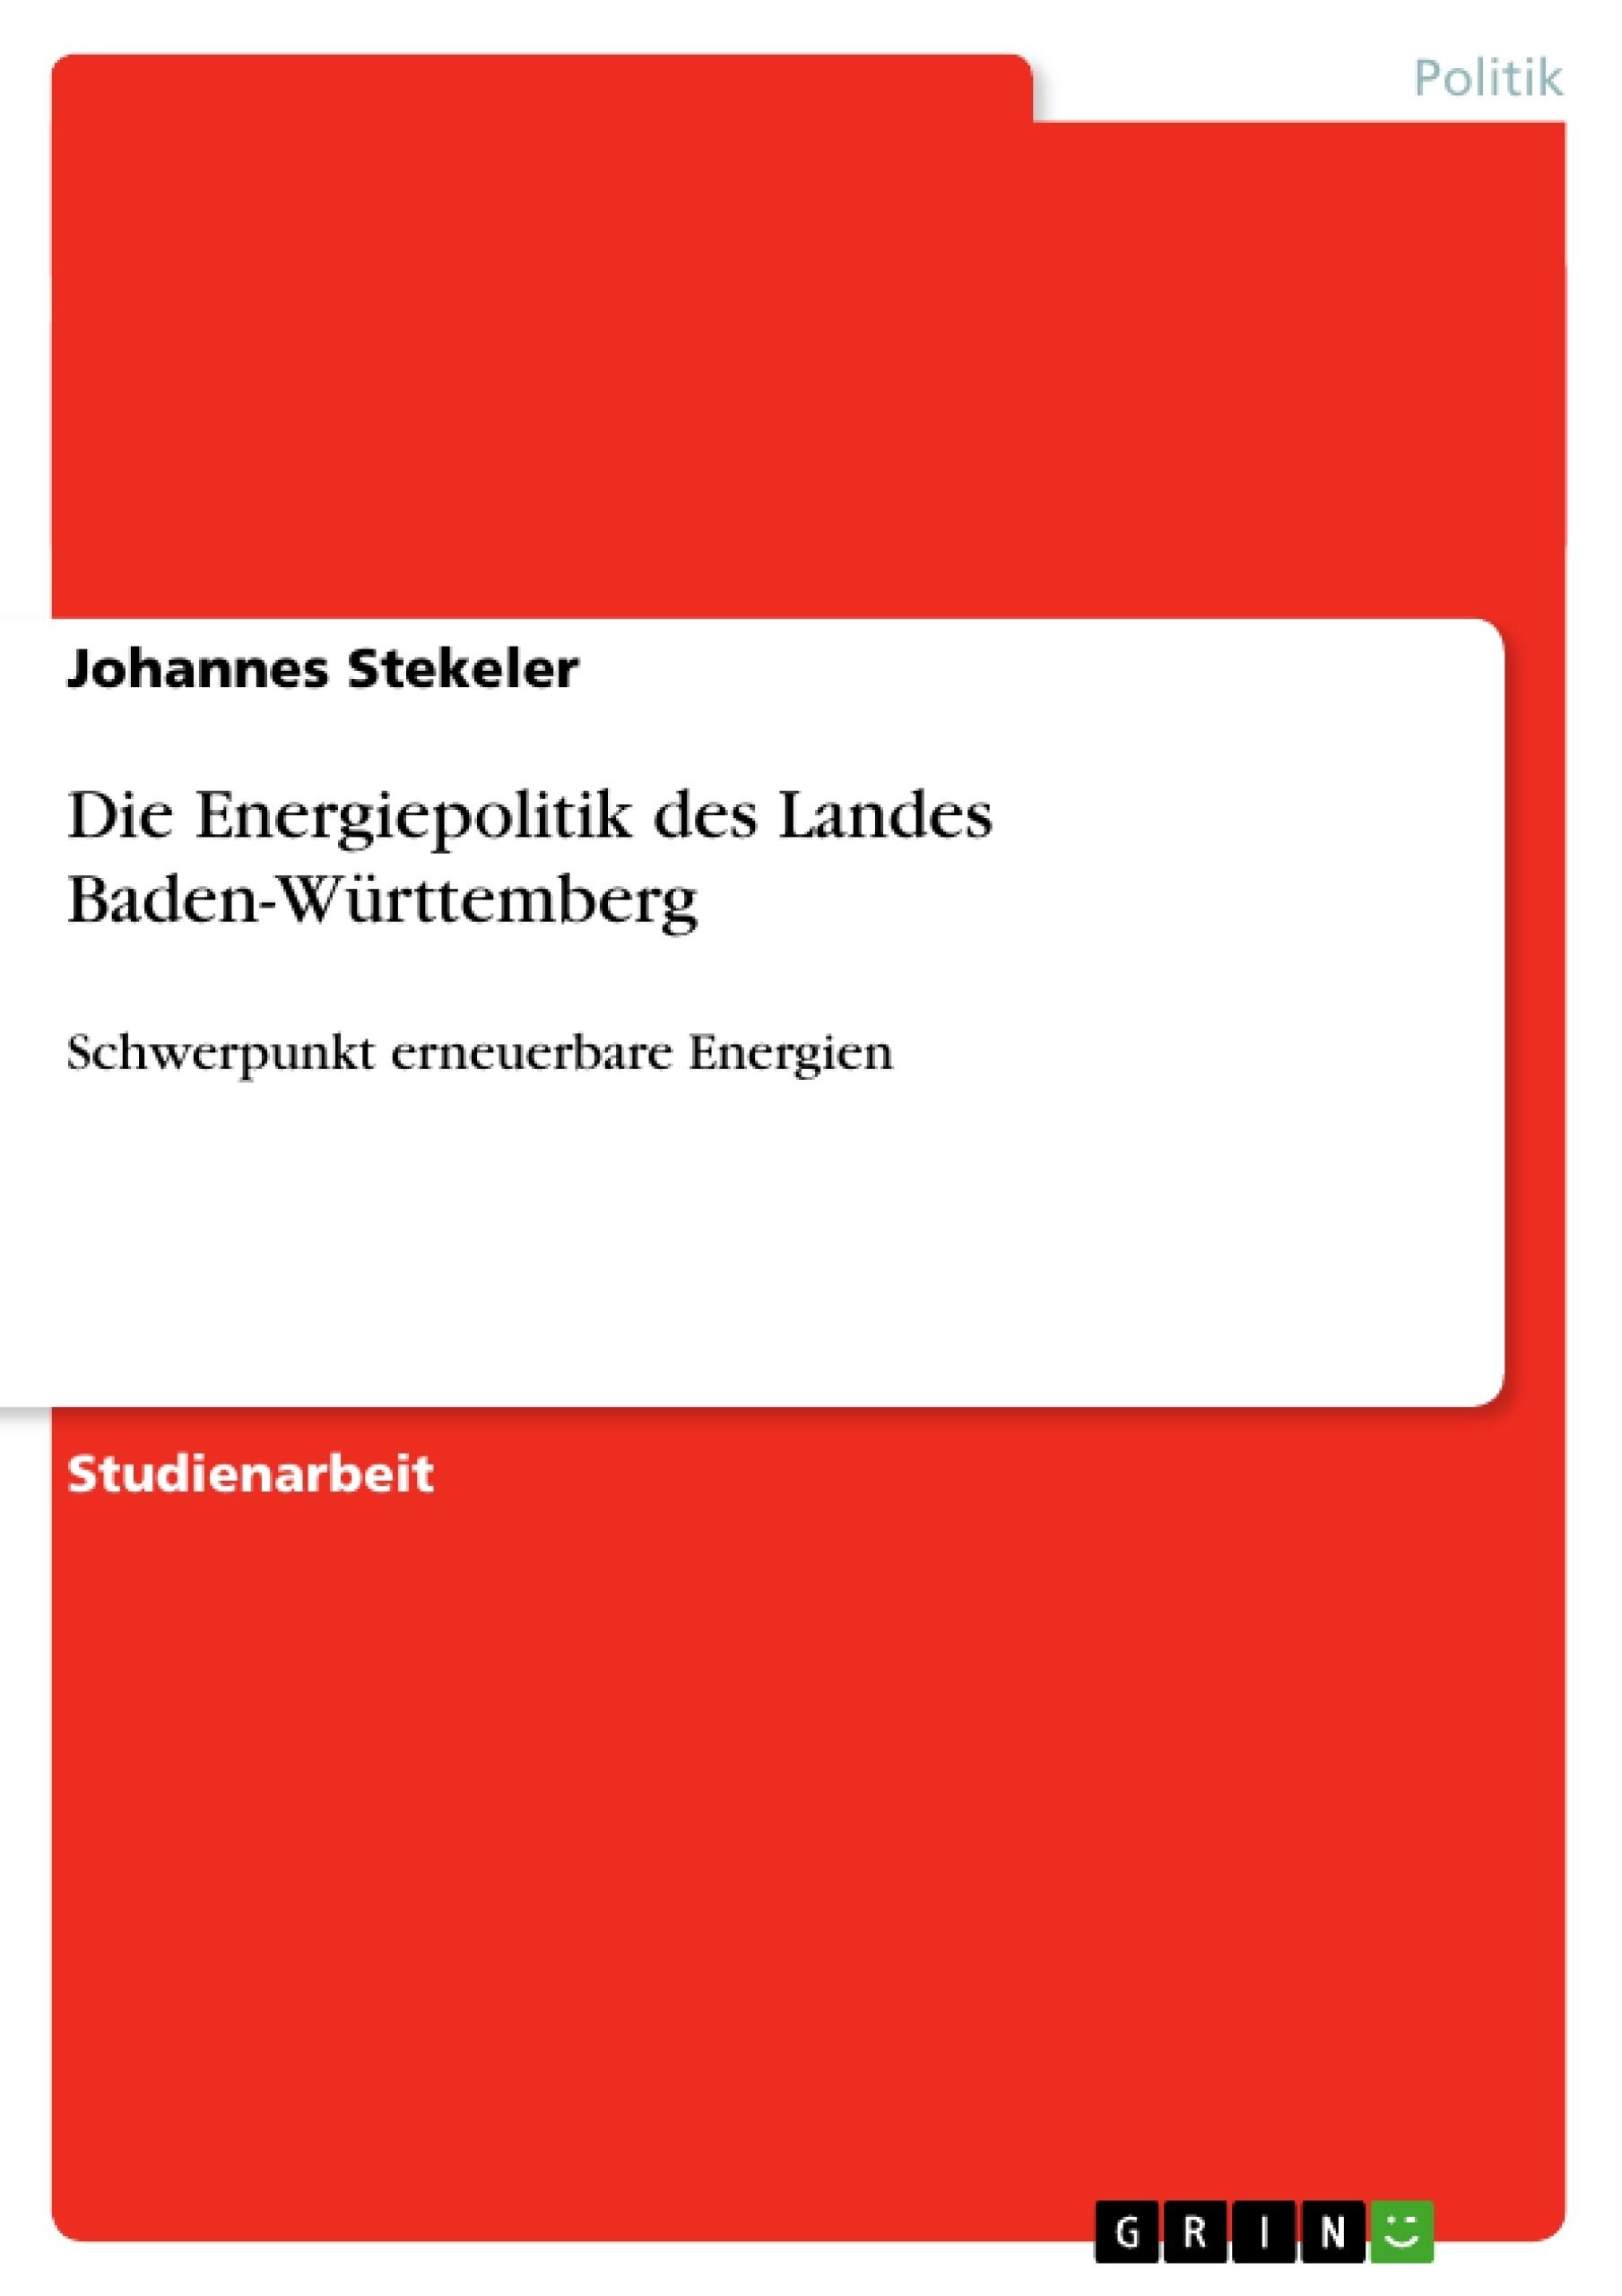 Titel: Die Energiepolitik des Landes Baden-Württemberg